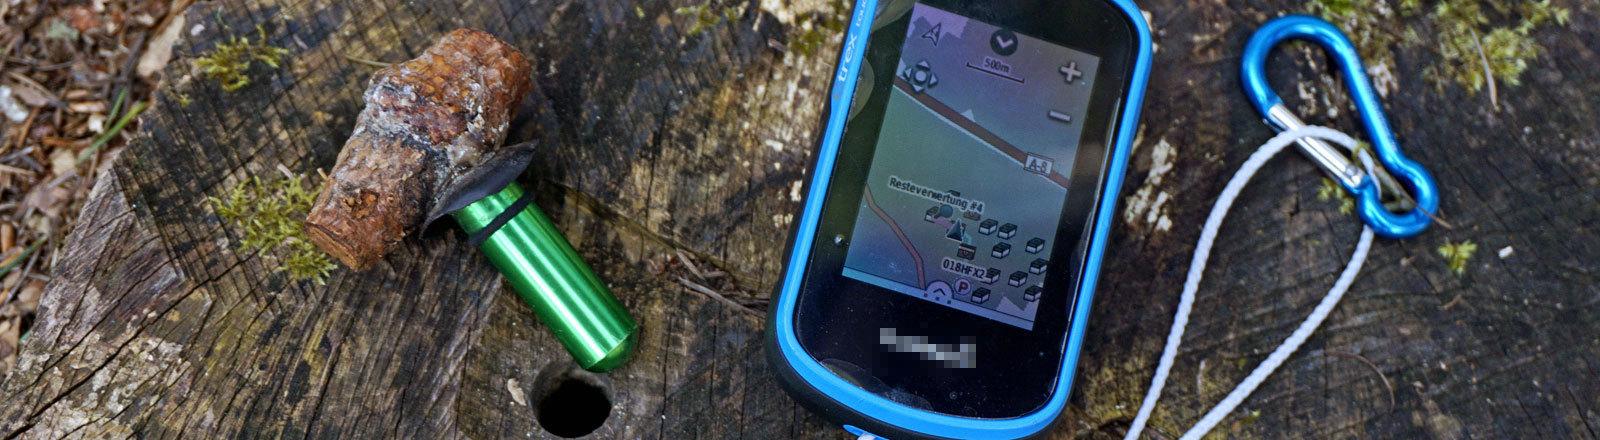 Ein GPS-Empfänger und ein Geocache, das mit einem Stück Holz getarnt wurde.